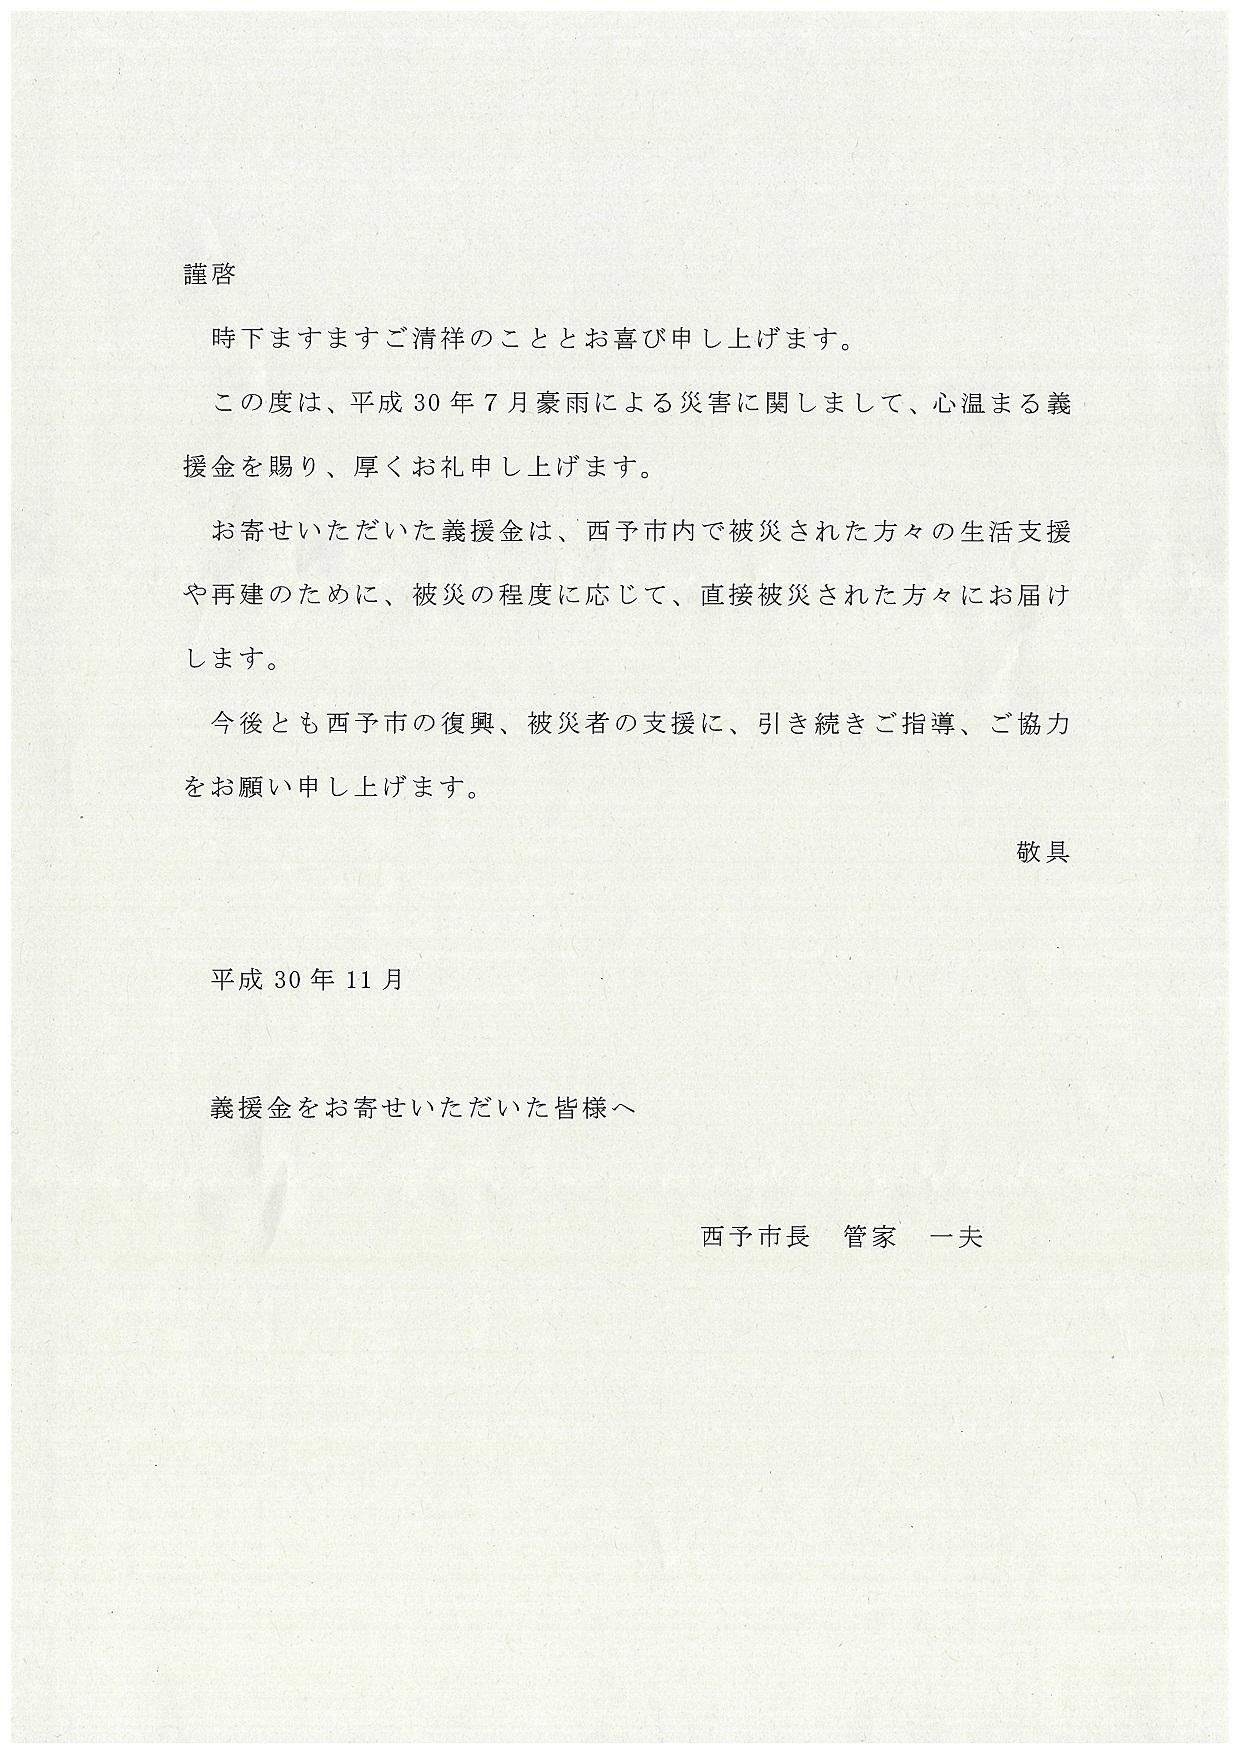 豪雨災害義援金(愛媛県西予市)